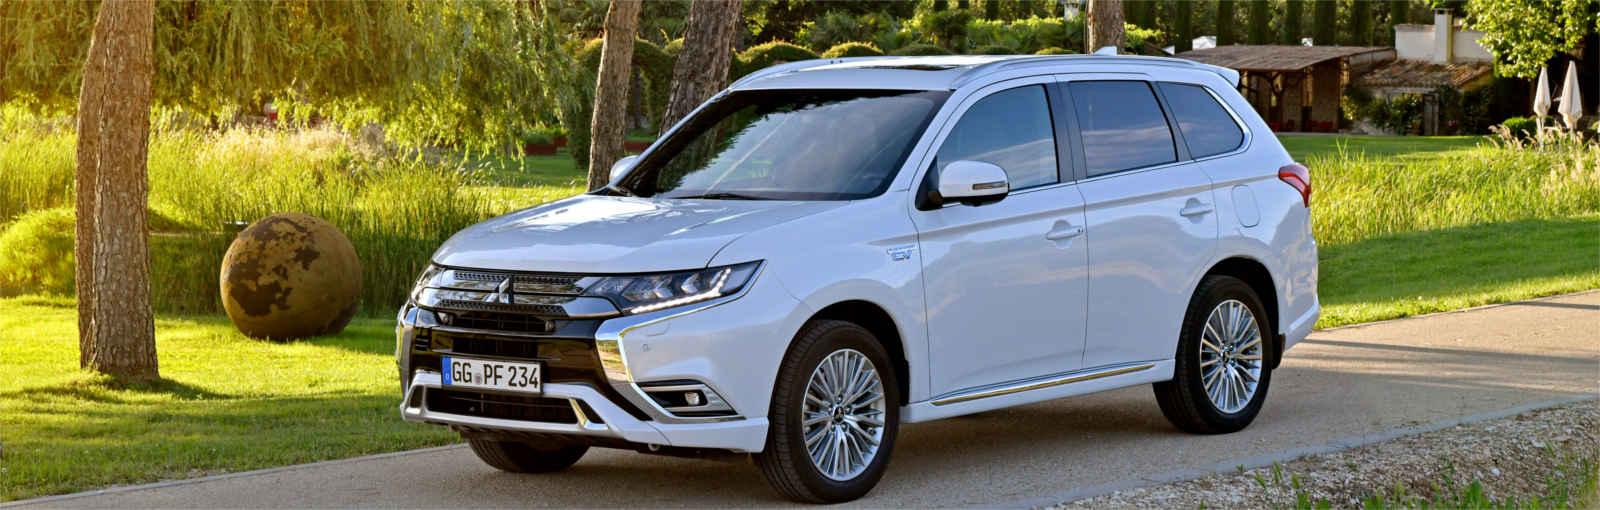 Mitsubishi Outlander blanco